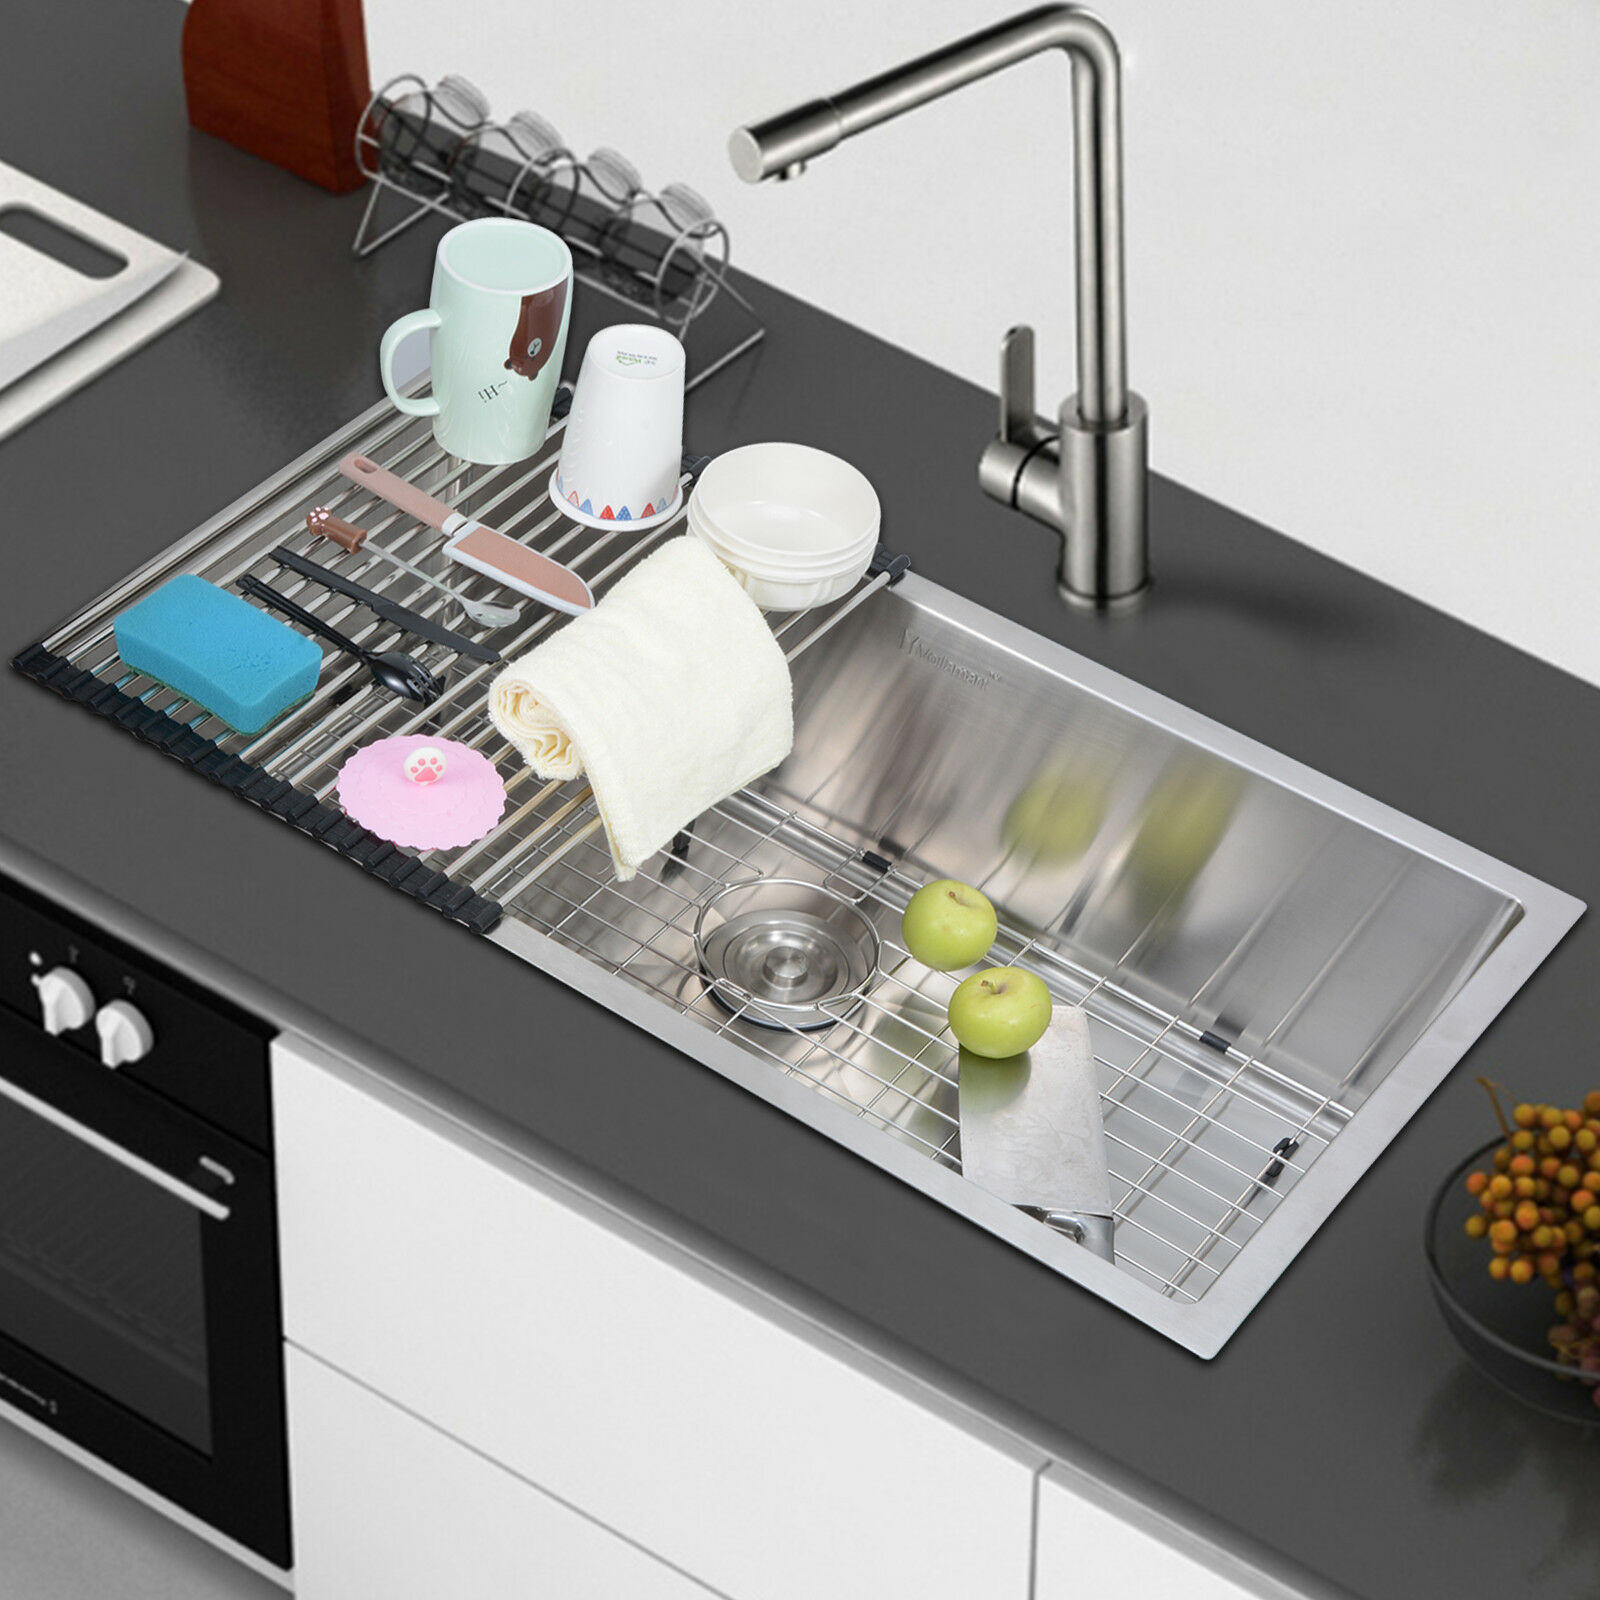 picture 1 of 8     voilamart 33  x18   304 stainless steel kitchen sink 16 gauge      rh   ebay com